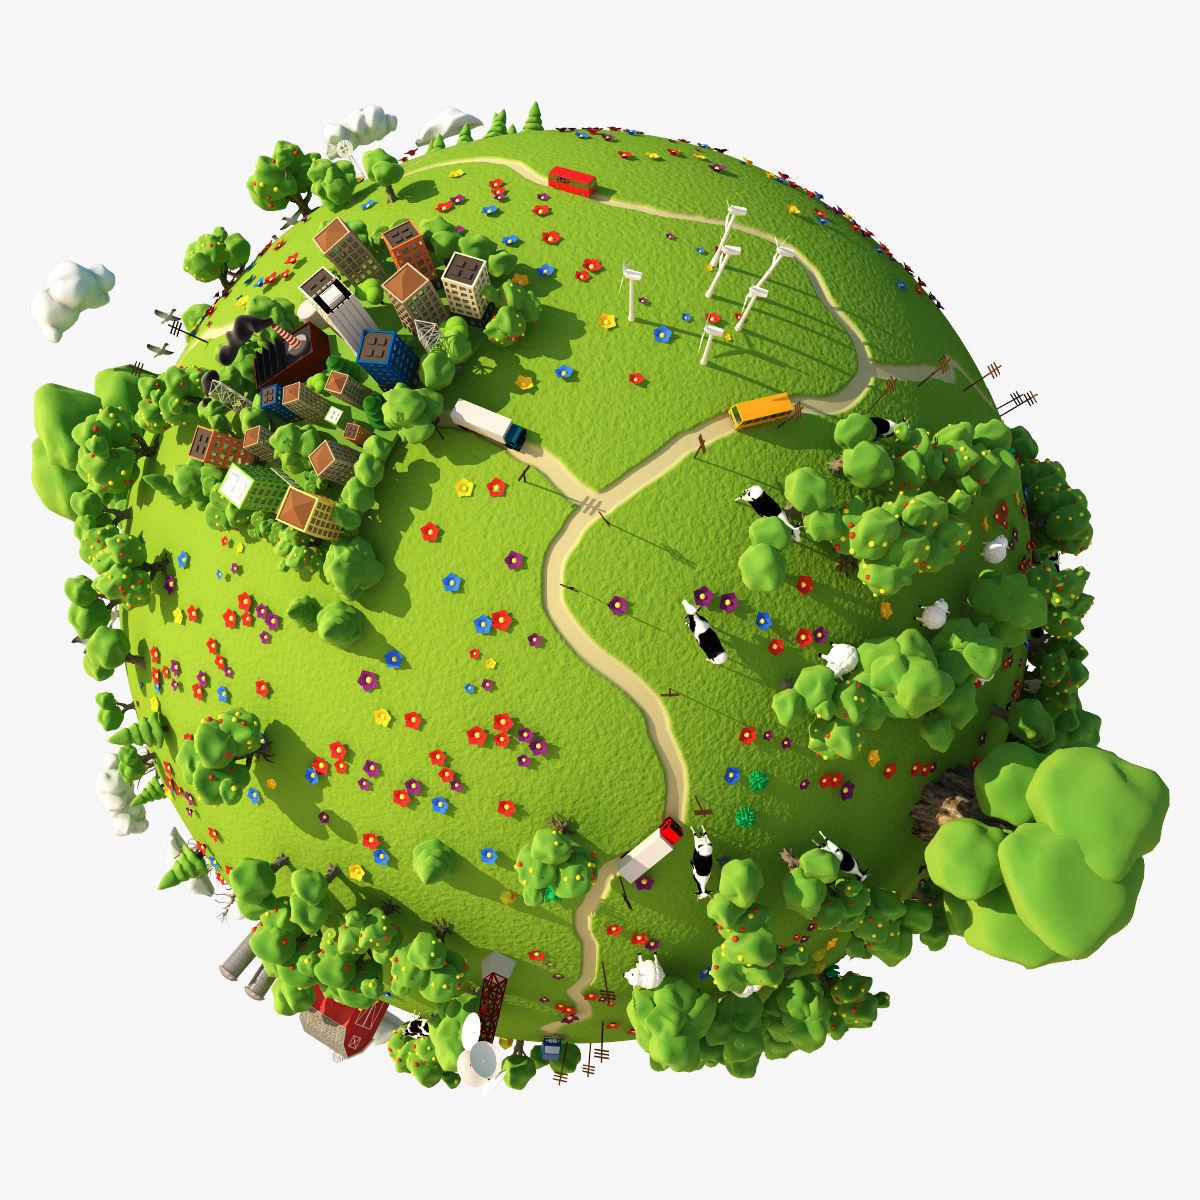 3D Cartoon Planet Summer